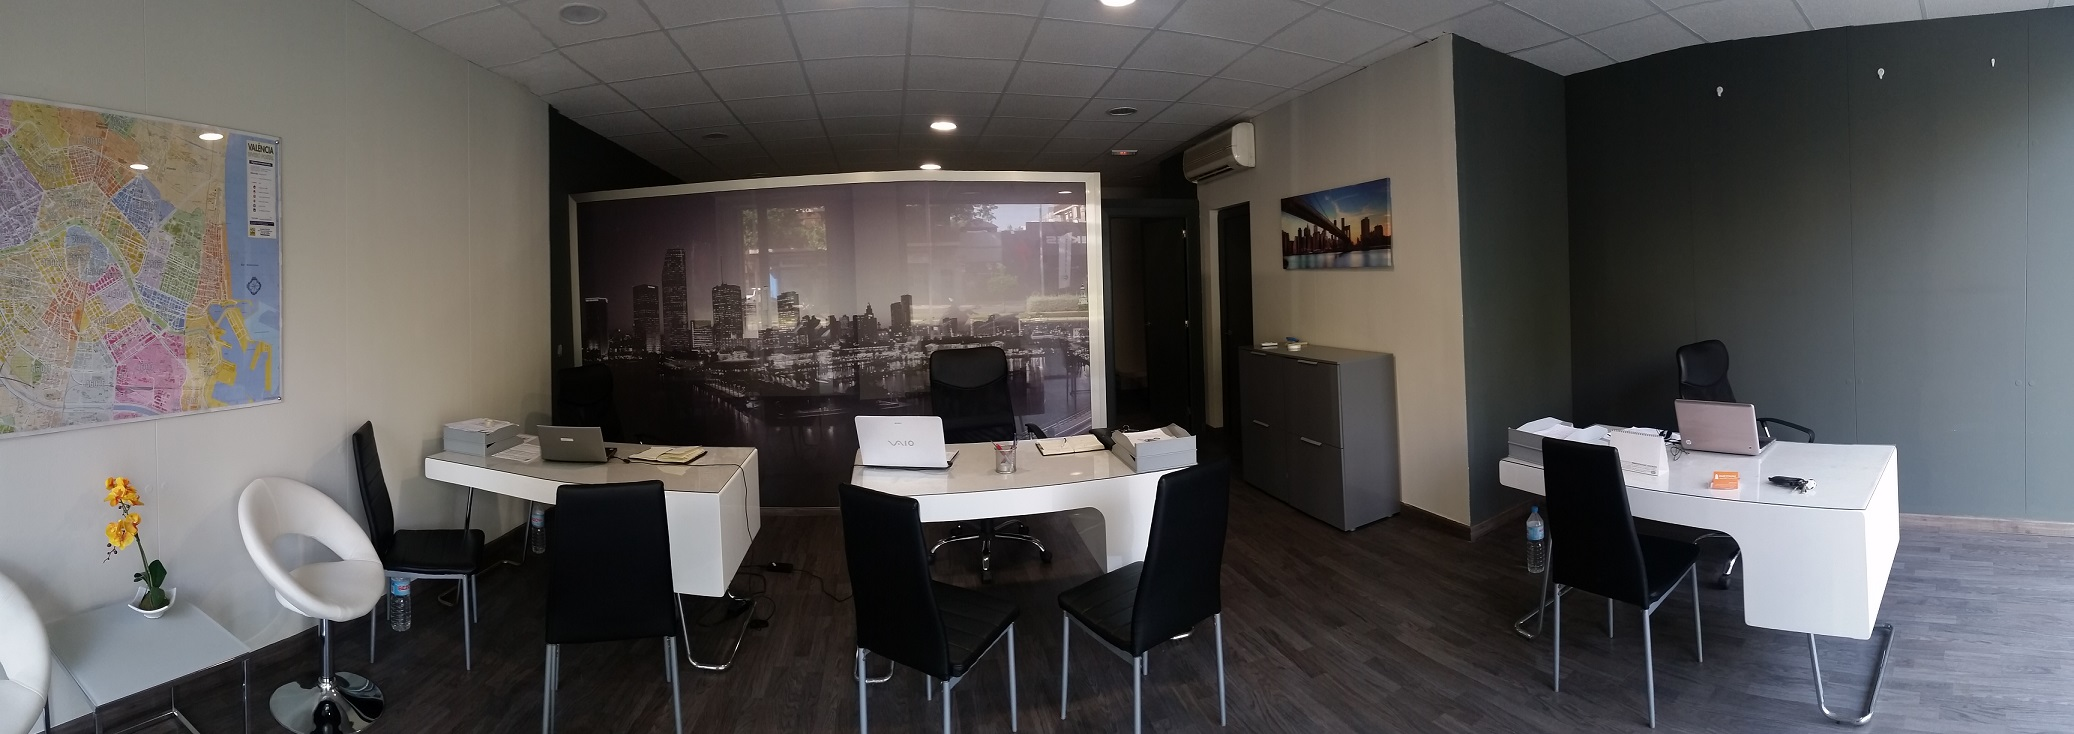 Oficina Inedval Certificado energético Valencia